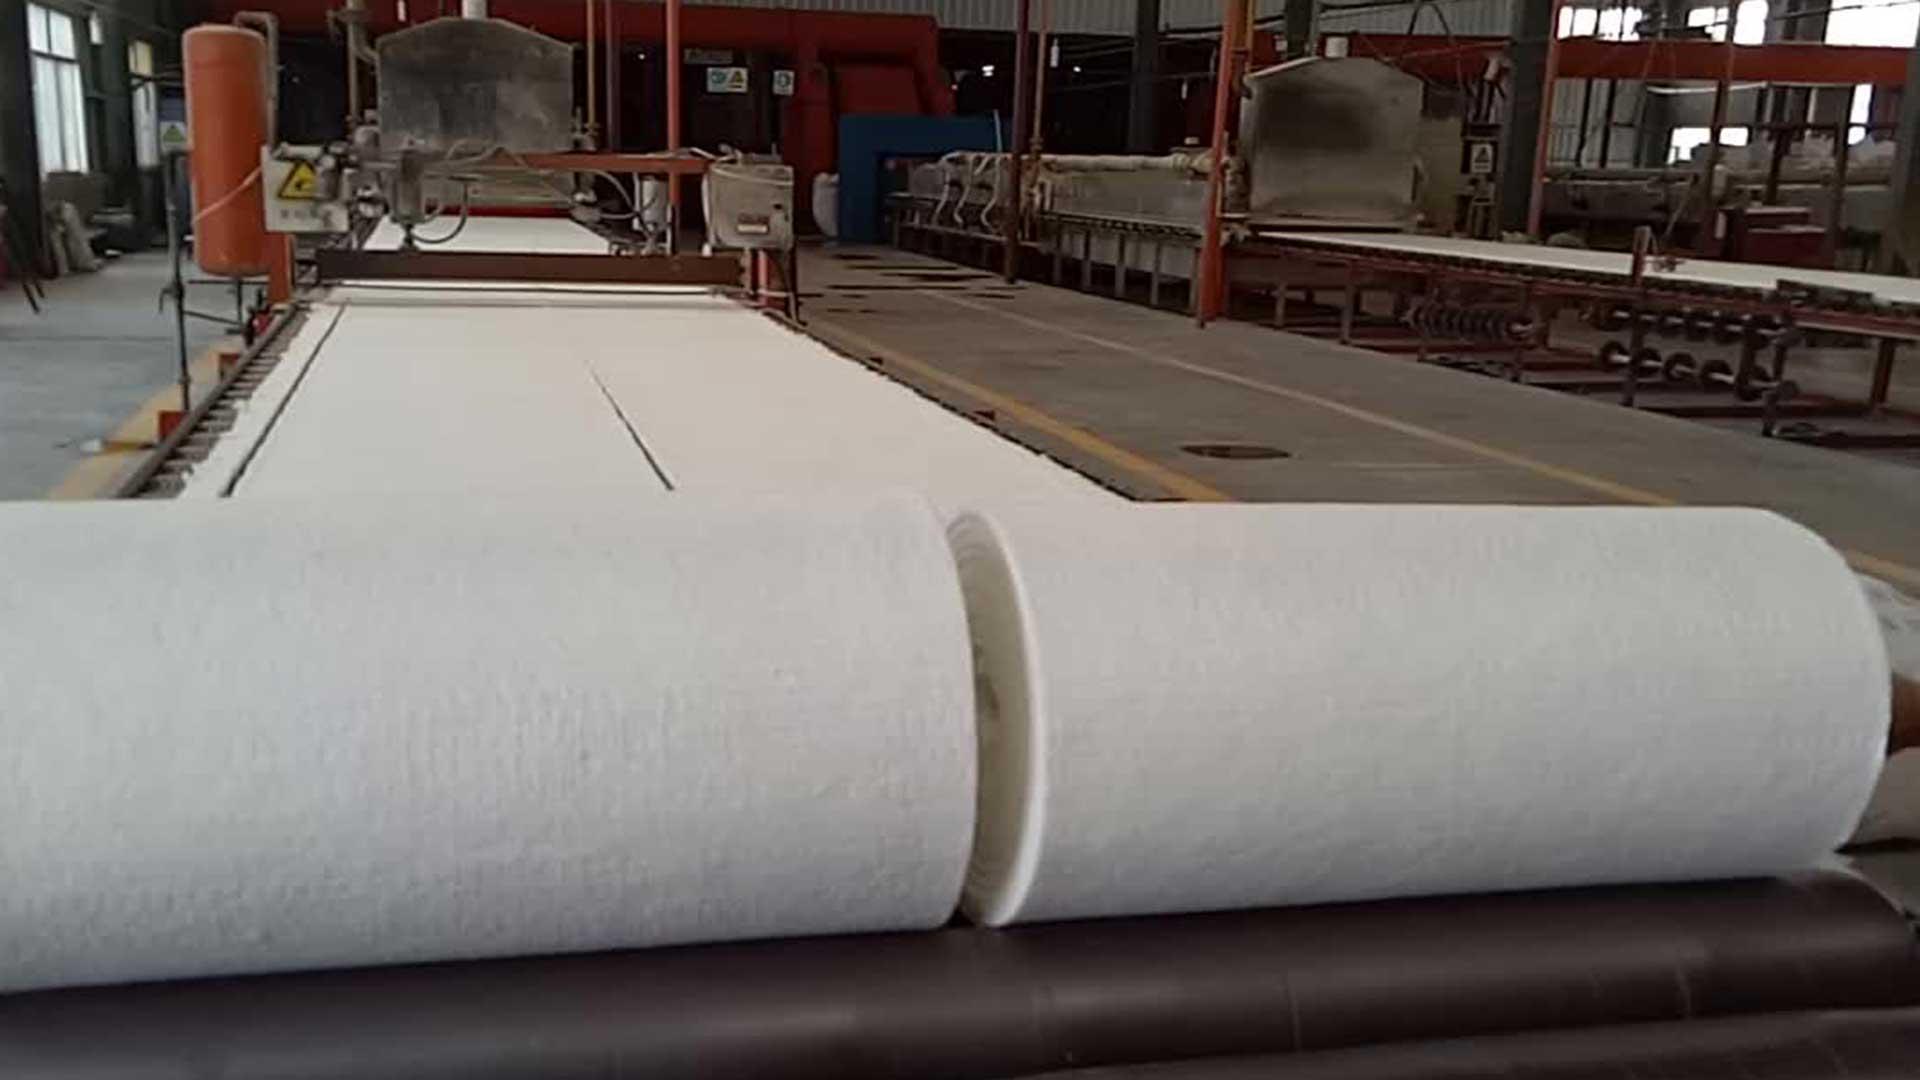 Keramisk fiber isolasjon til pizzaovn fra Gruue pellets og vedfyrt pizzaovn.